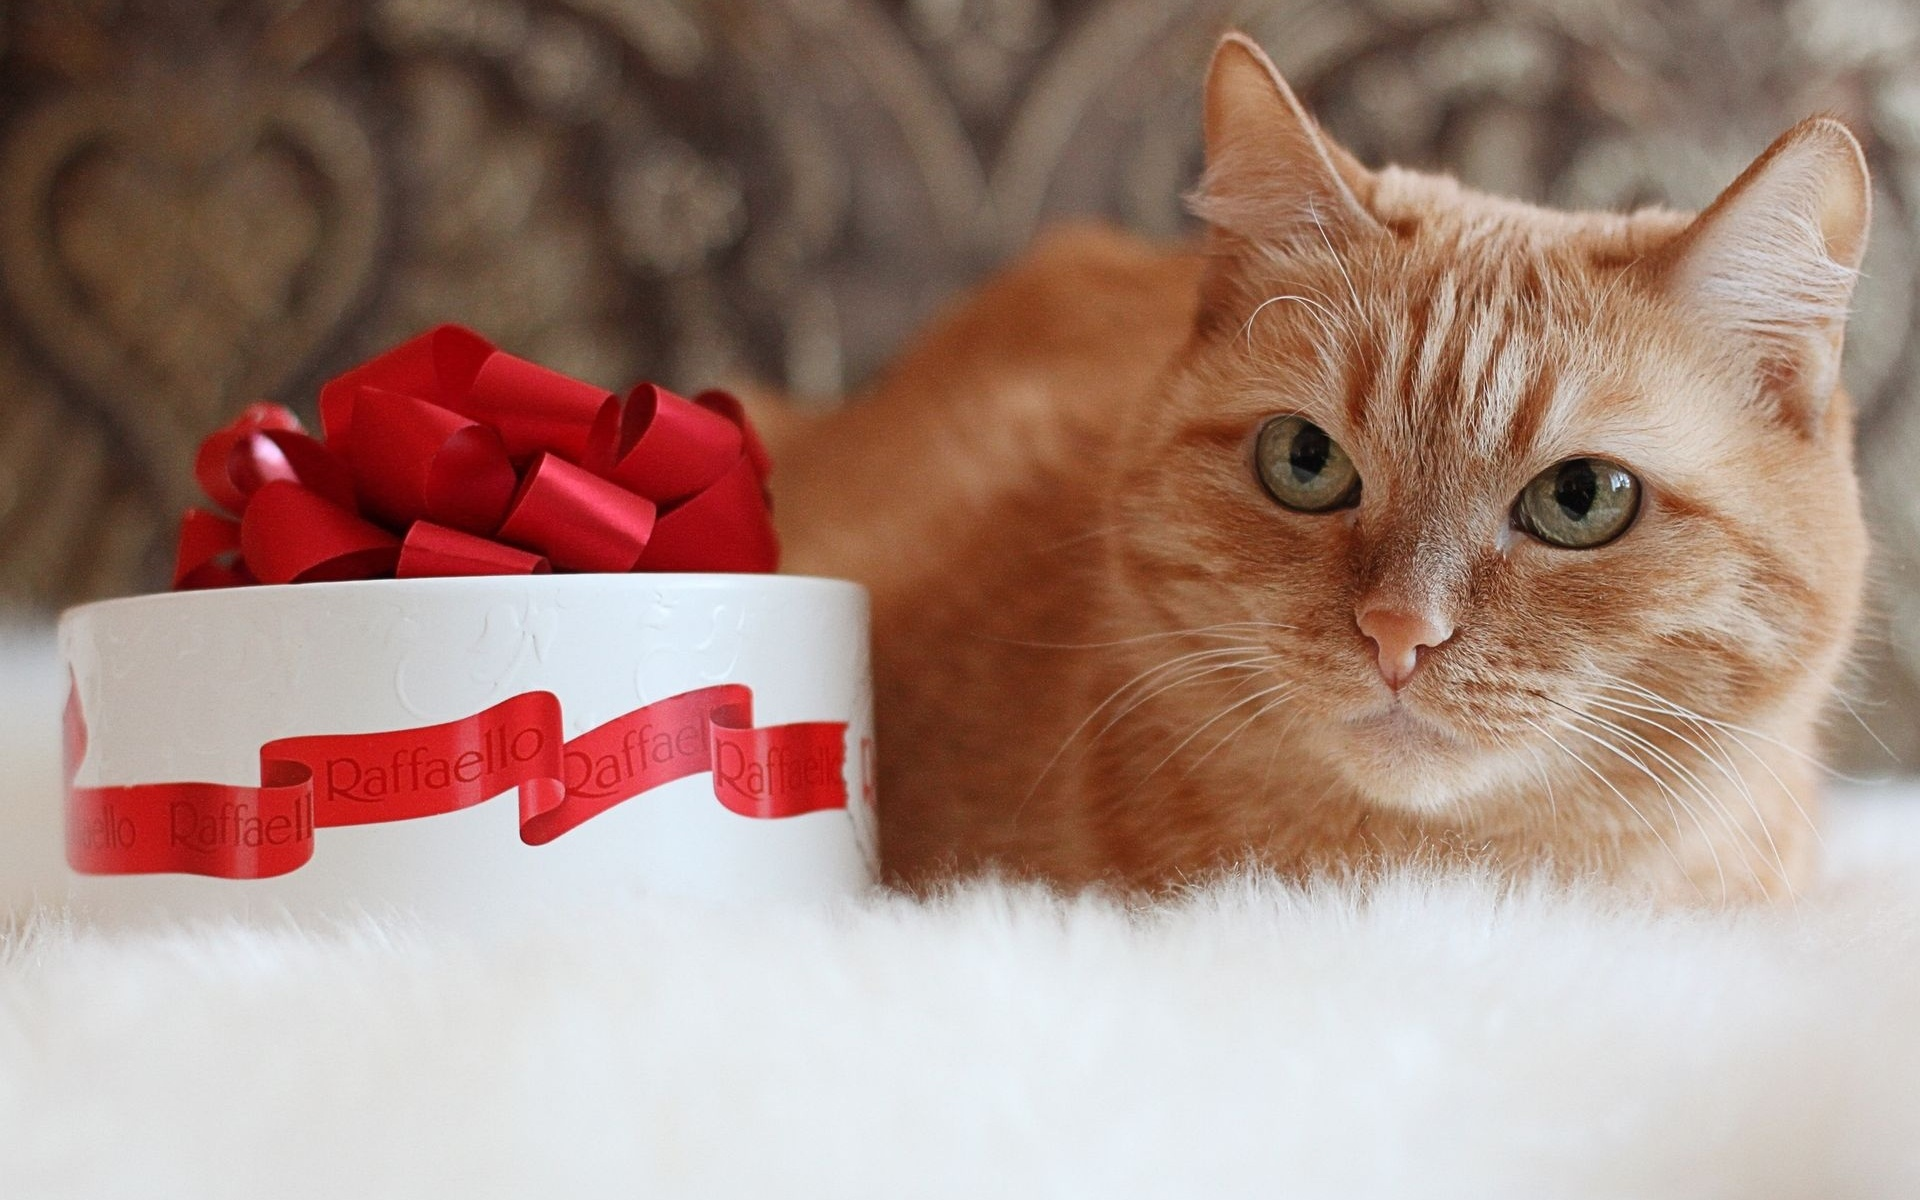 Фото с днем рождения и котиками